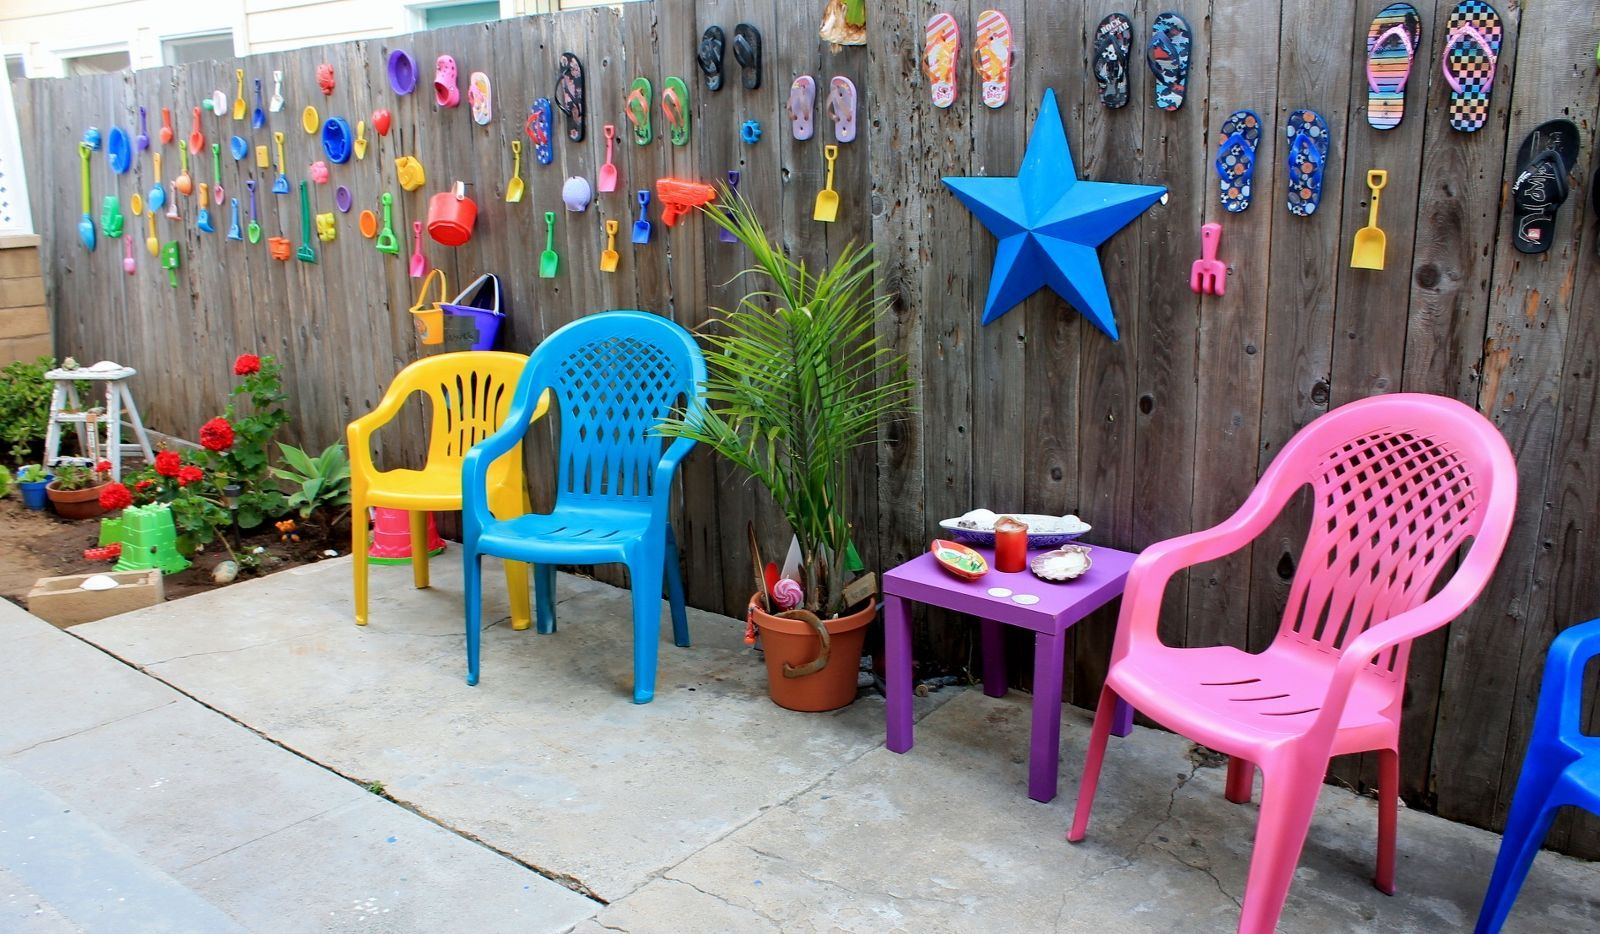 Sedie Di Plastica Colorate.Ecco Come Riciclare Le Nostre Vecchie Sedie In Plastica 10 E